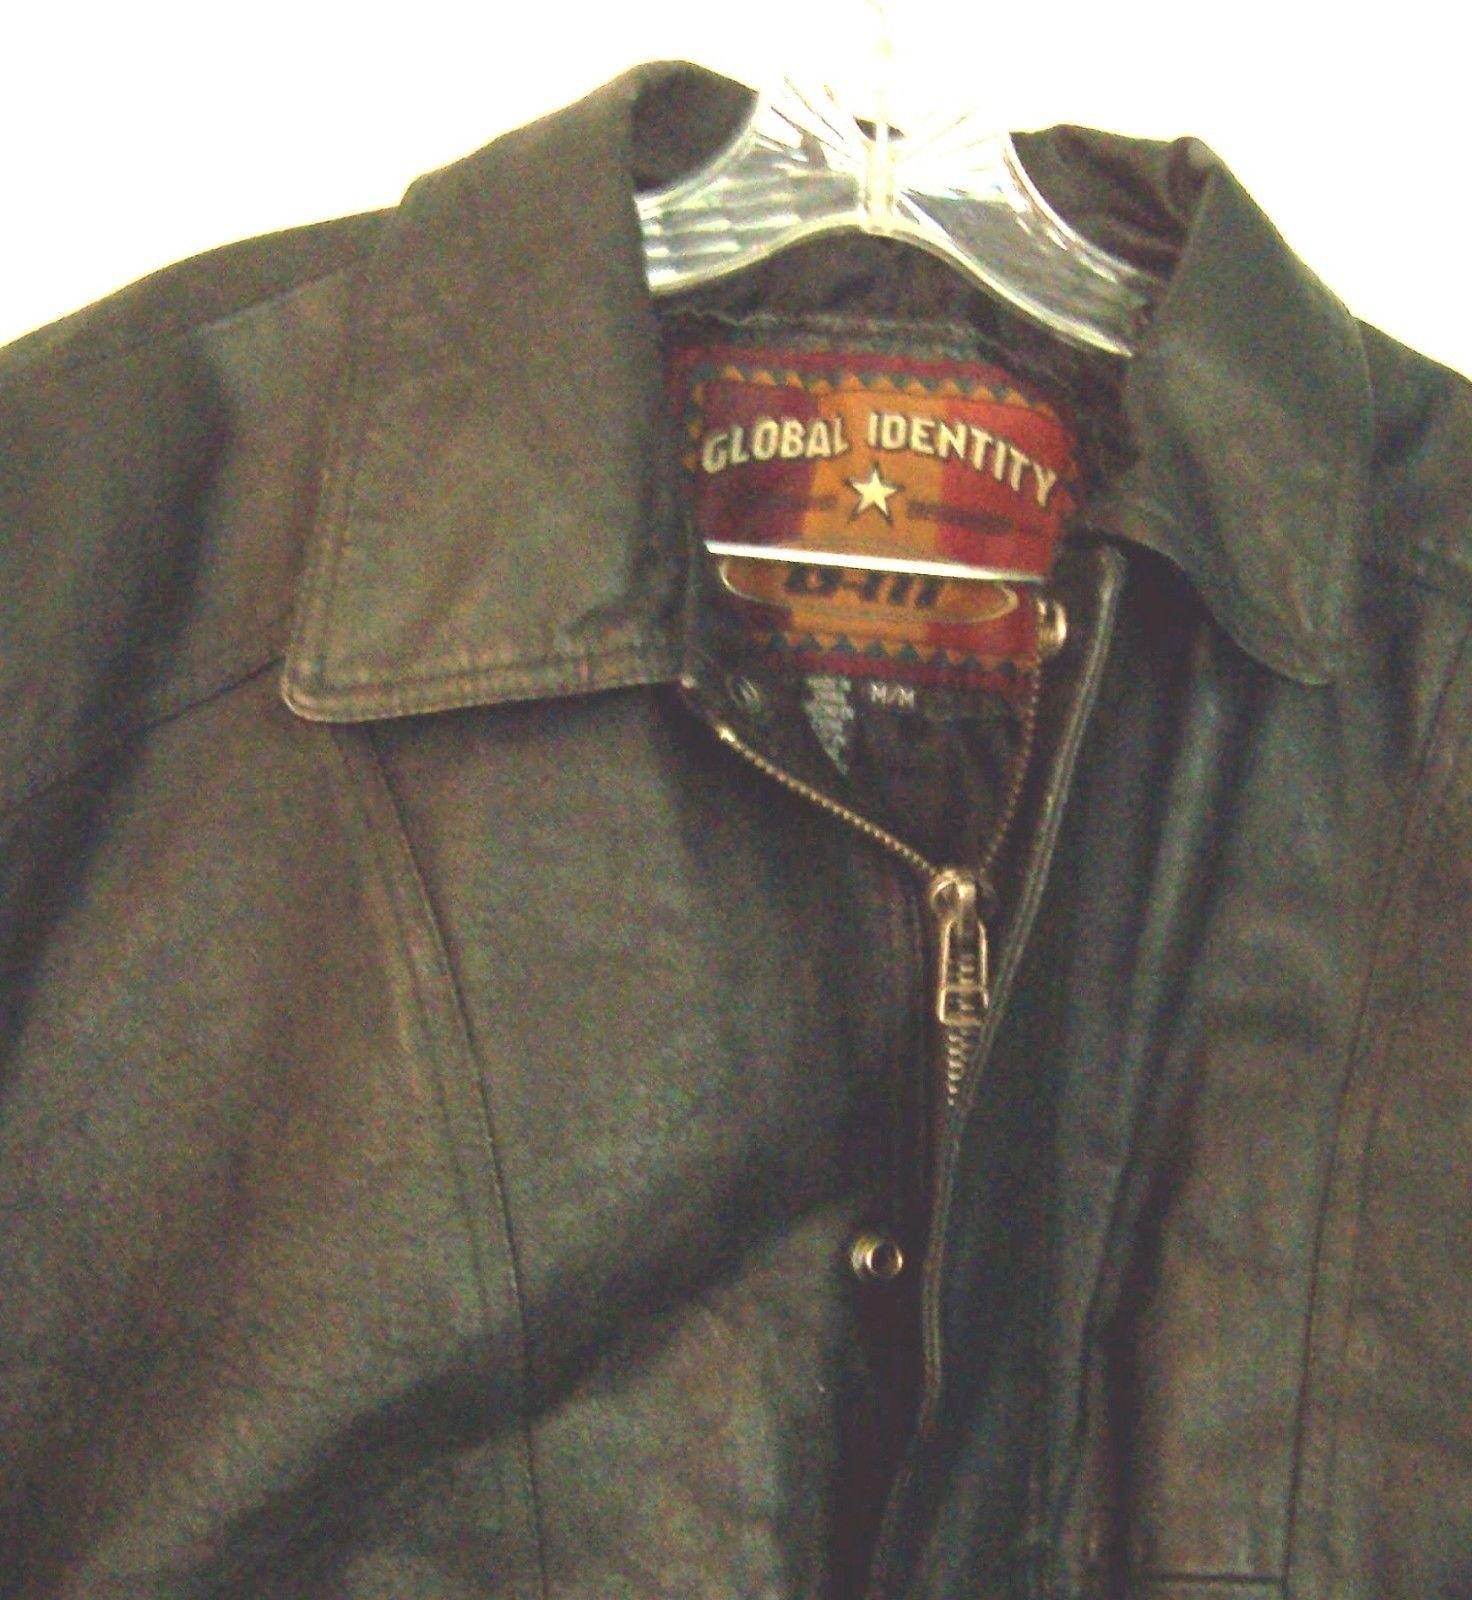 Global Identity Mans Black Leather Zip Up Bomber Jacket Size Medium  image 2